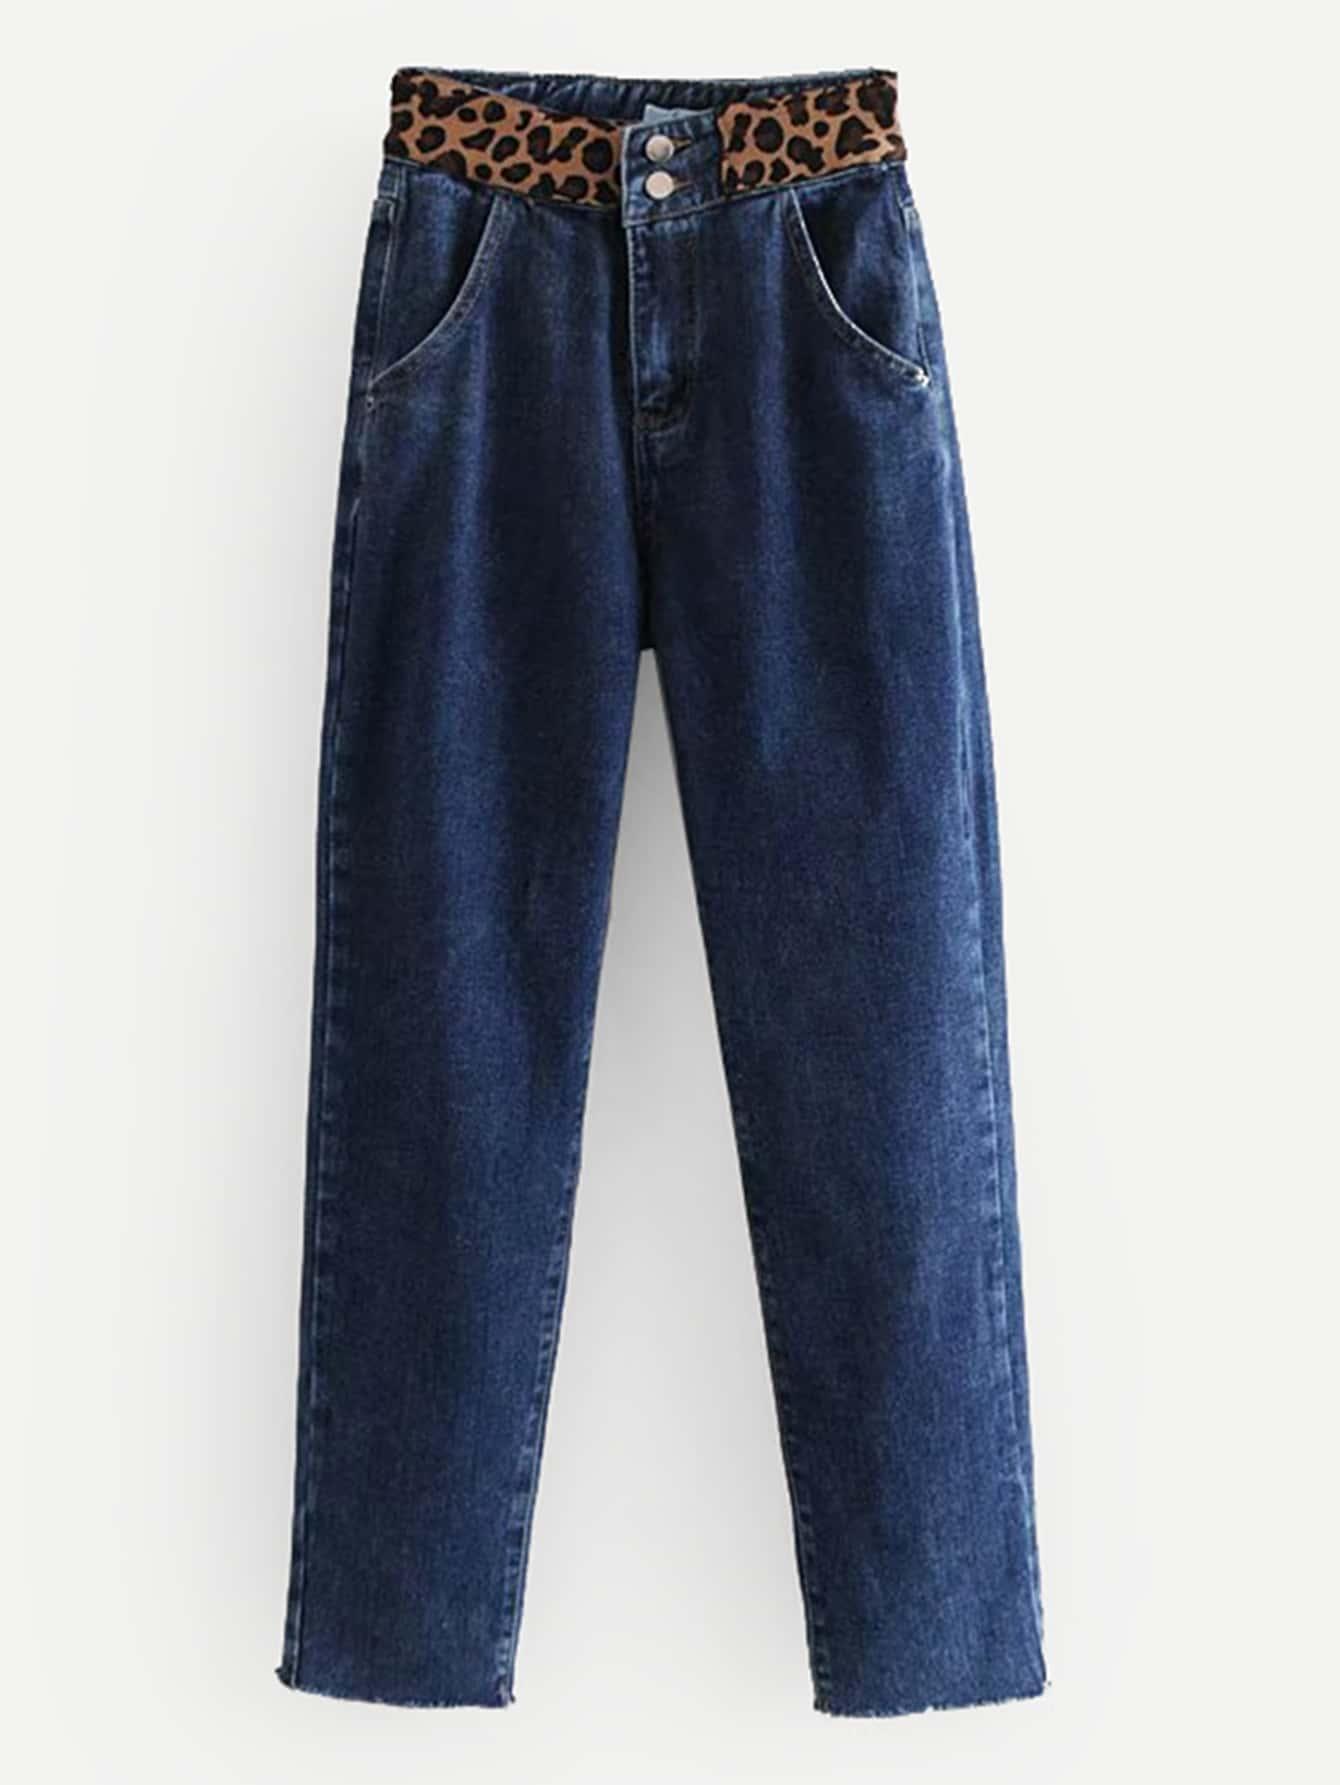 Leopard Print High Waist Jeans Leopard Print High Waist Jeans